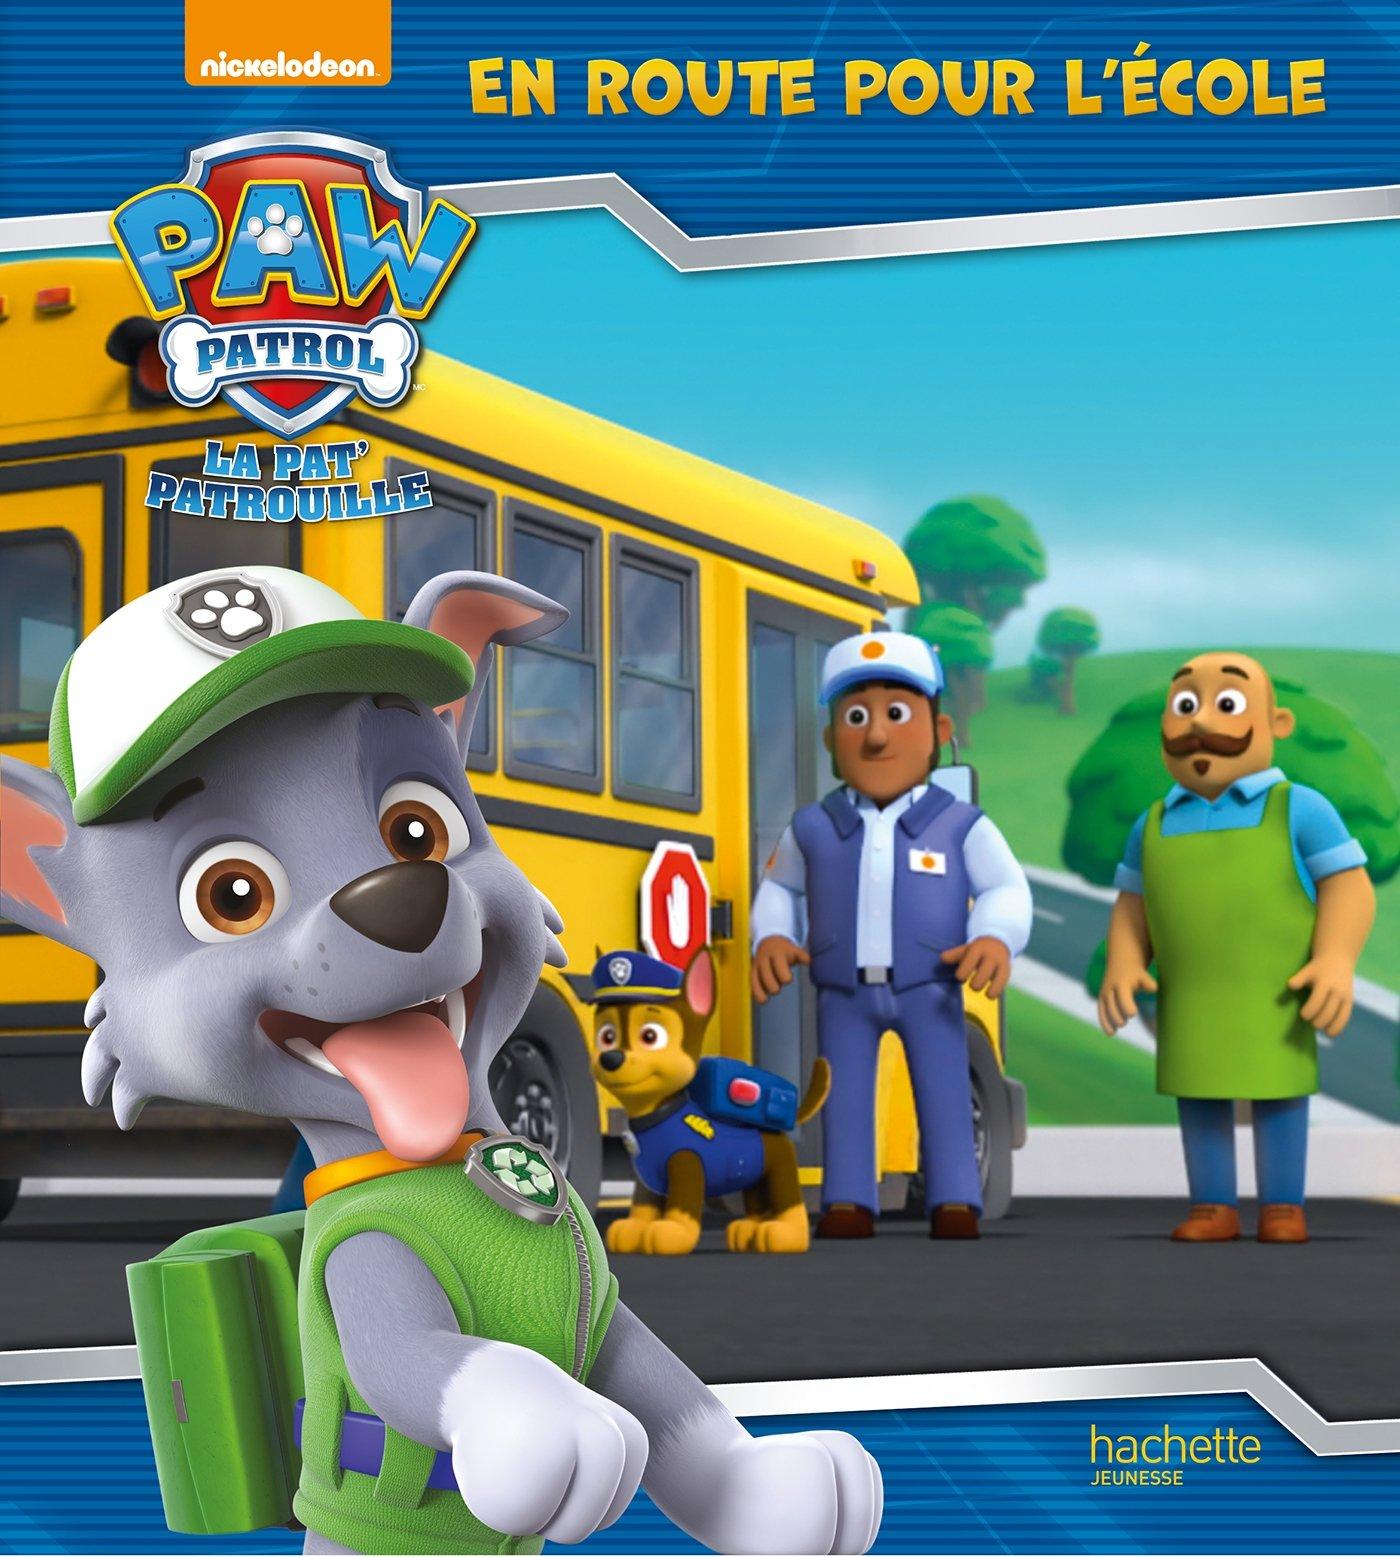 069506766a757 Paw Patrol-La Pat'Patrouille - En route pour l'école: Amazon.fr:  Nickelodeon, Anne Marchand Kalicky: Livres